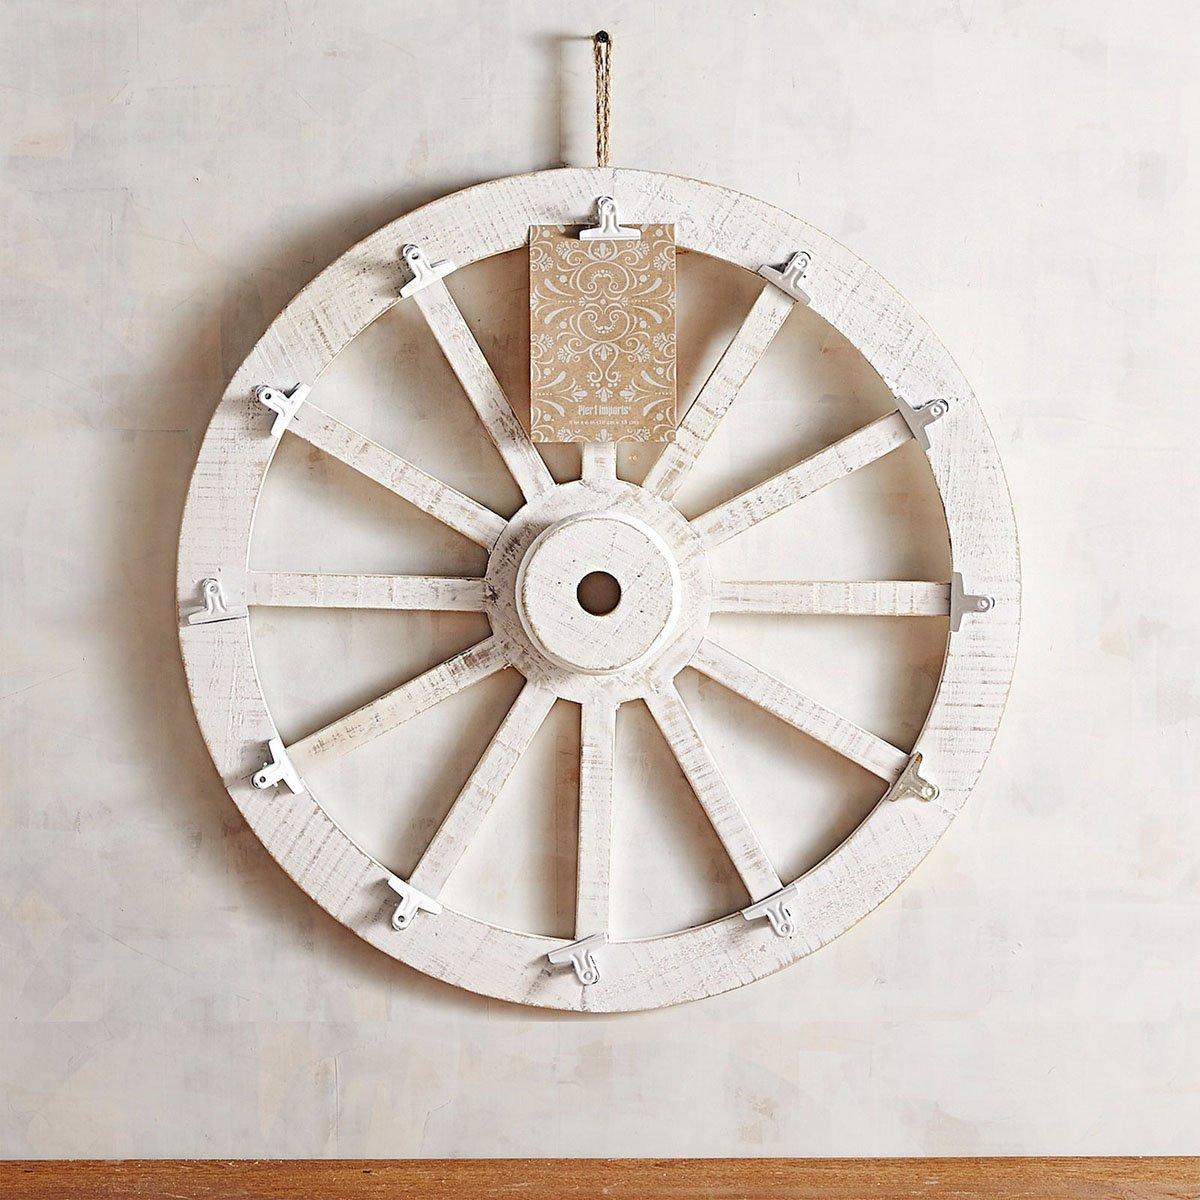 Portarretrato Wagon Wheel Pier 1 Imports   SEARS.COM.MX - Me entiende!